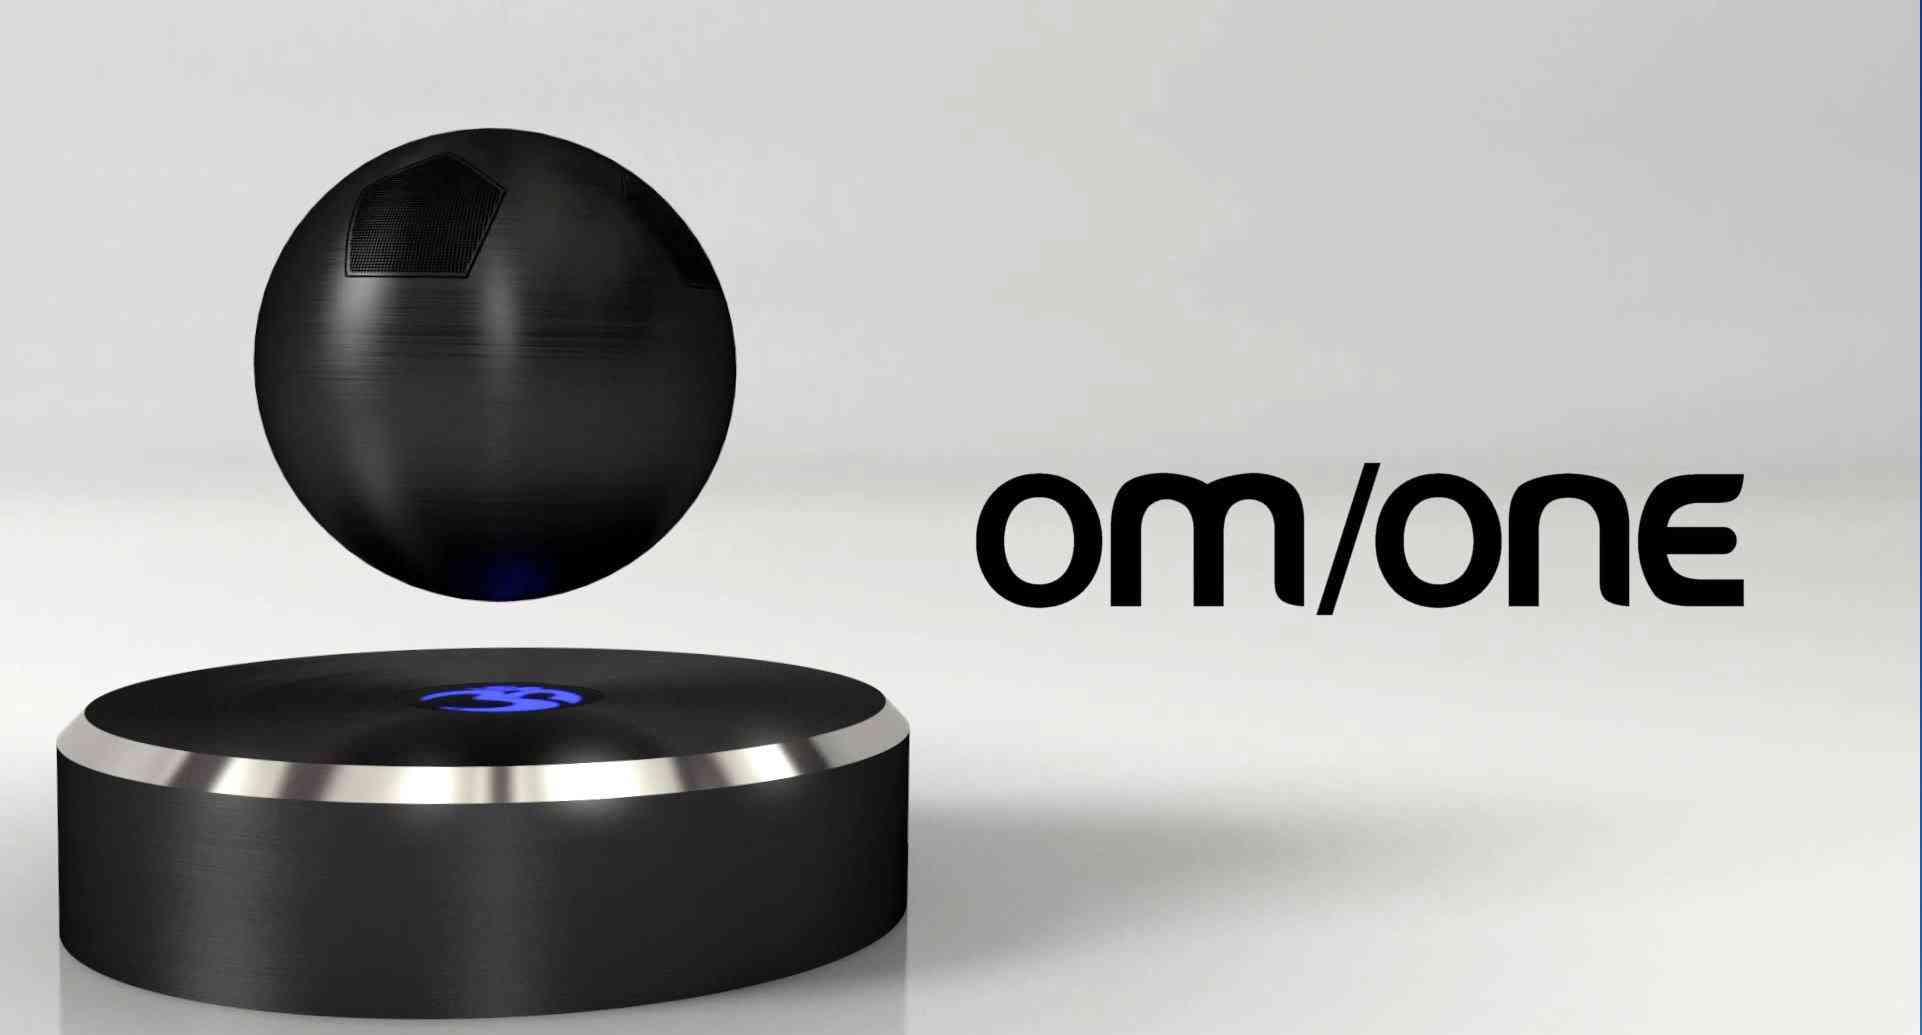 om/one - diese schwebende kugel bringt bluetooth-sound